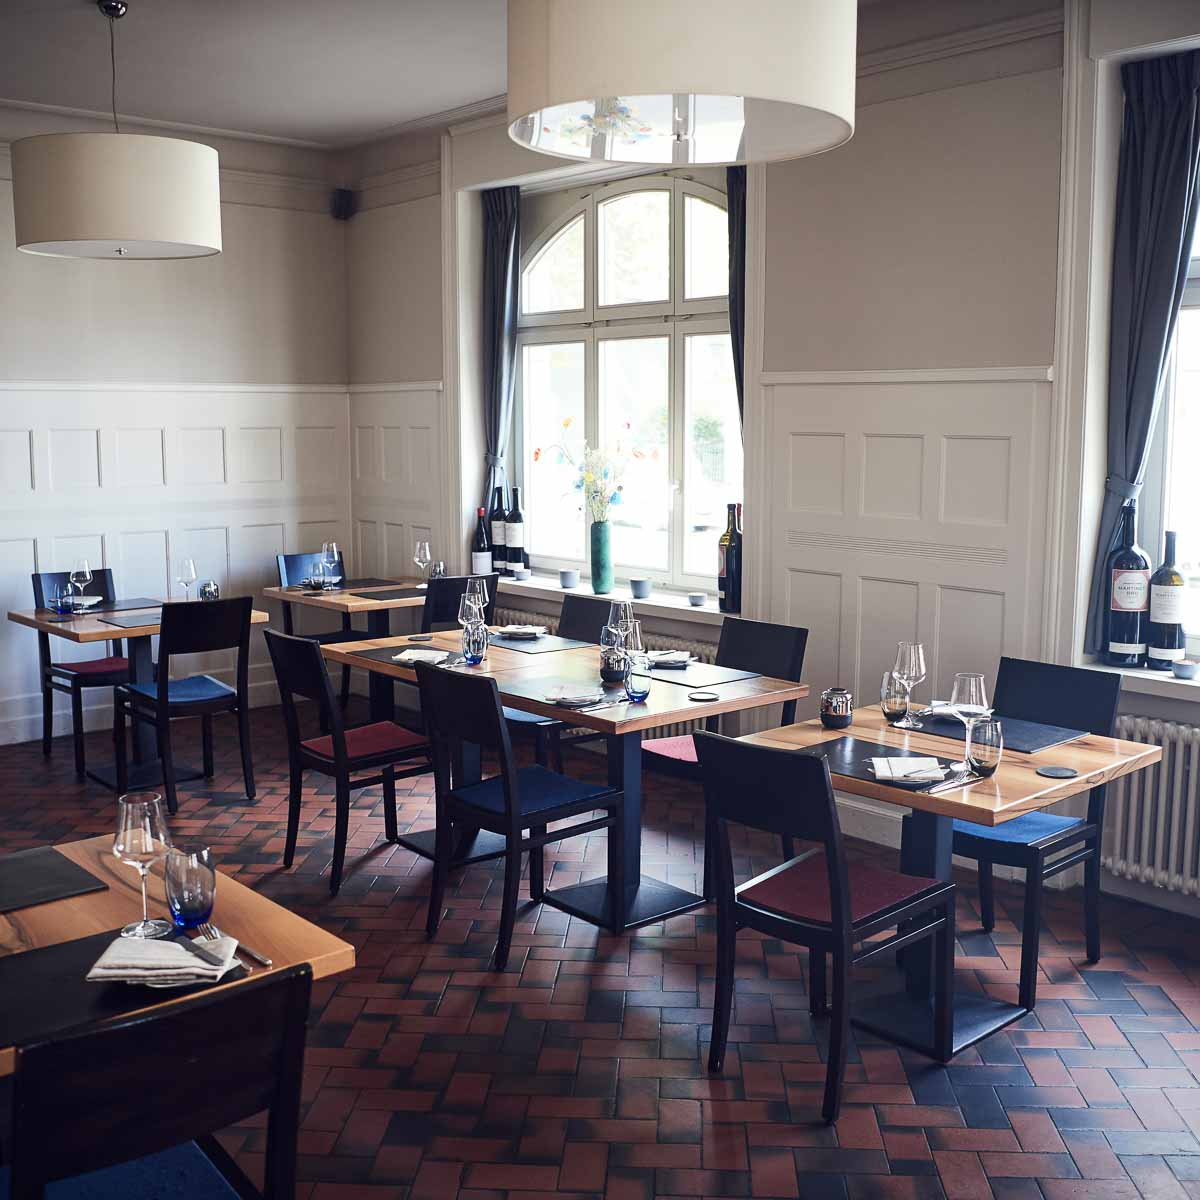 Restaurant EquiTable im Sankt MeinradZürich-7